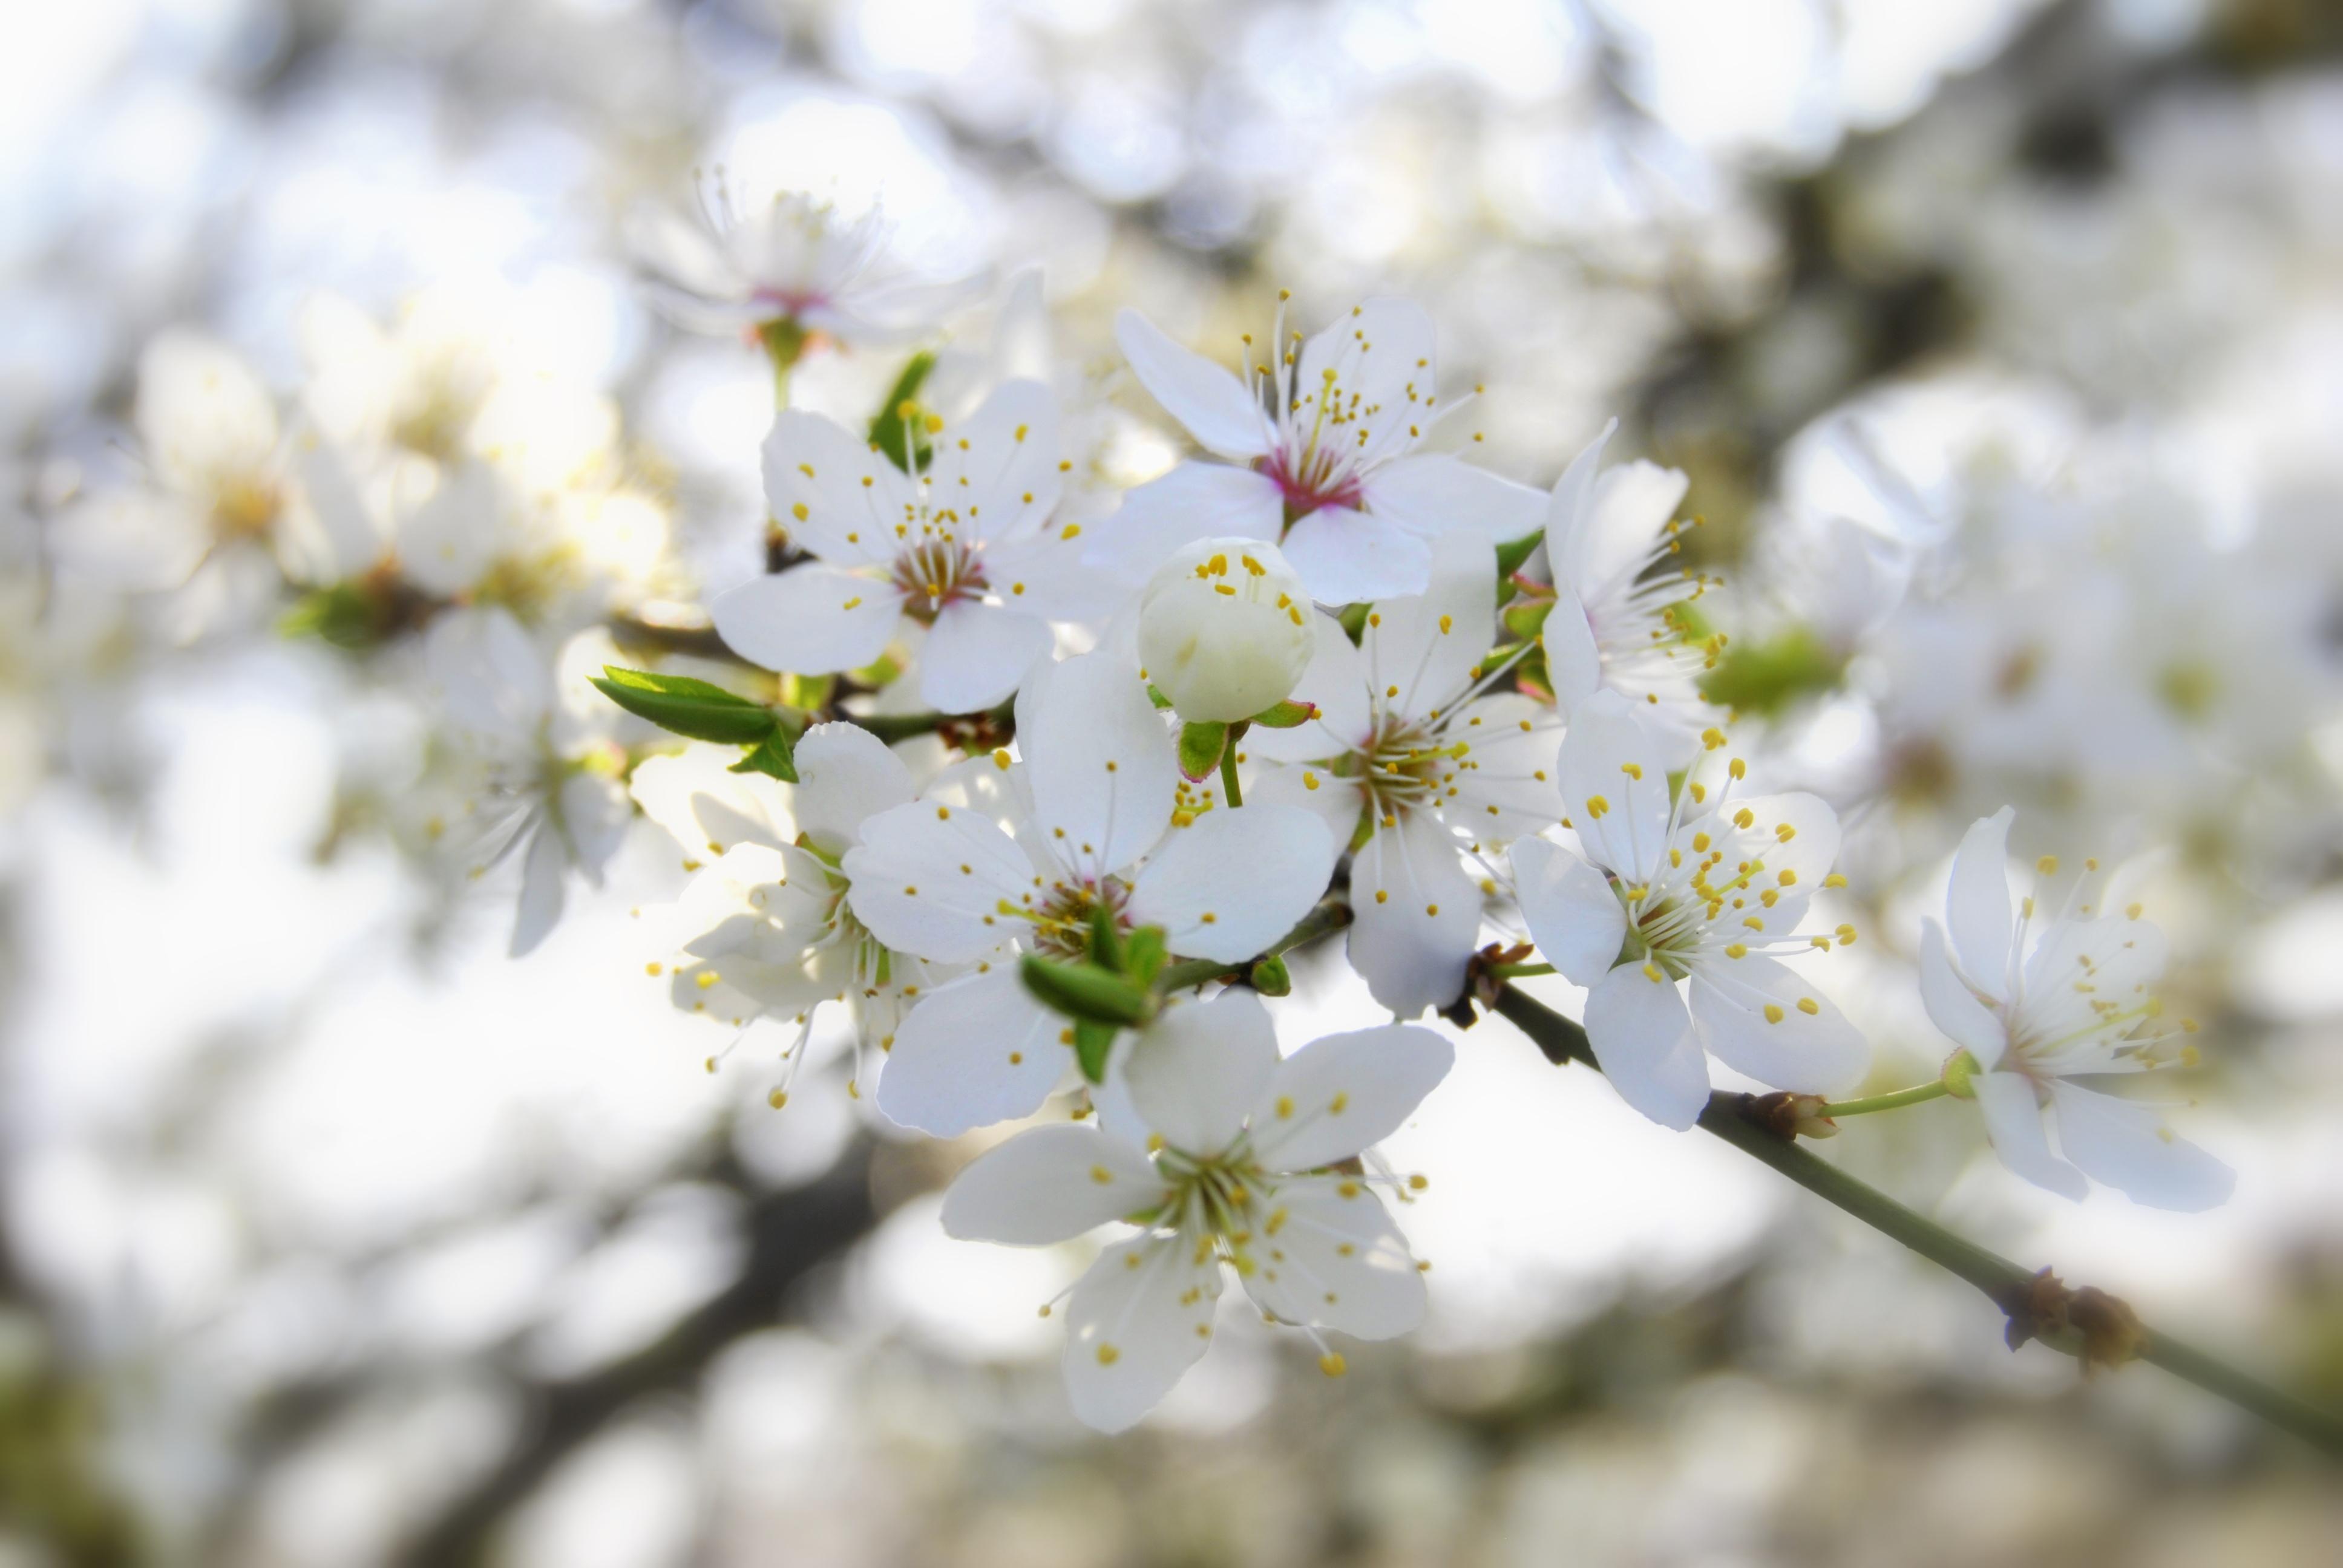 zdjecia-wiosny-07.jpg